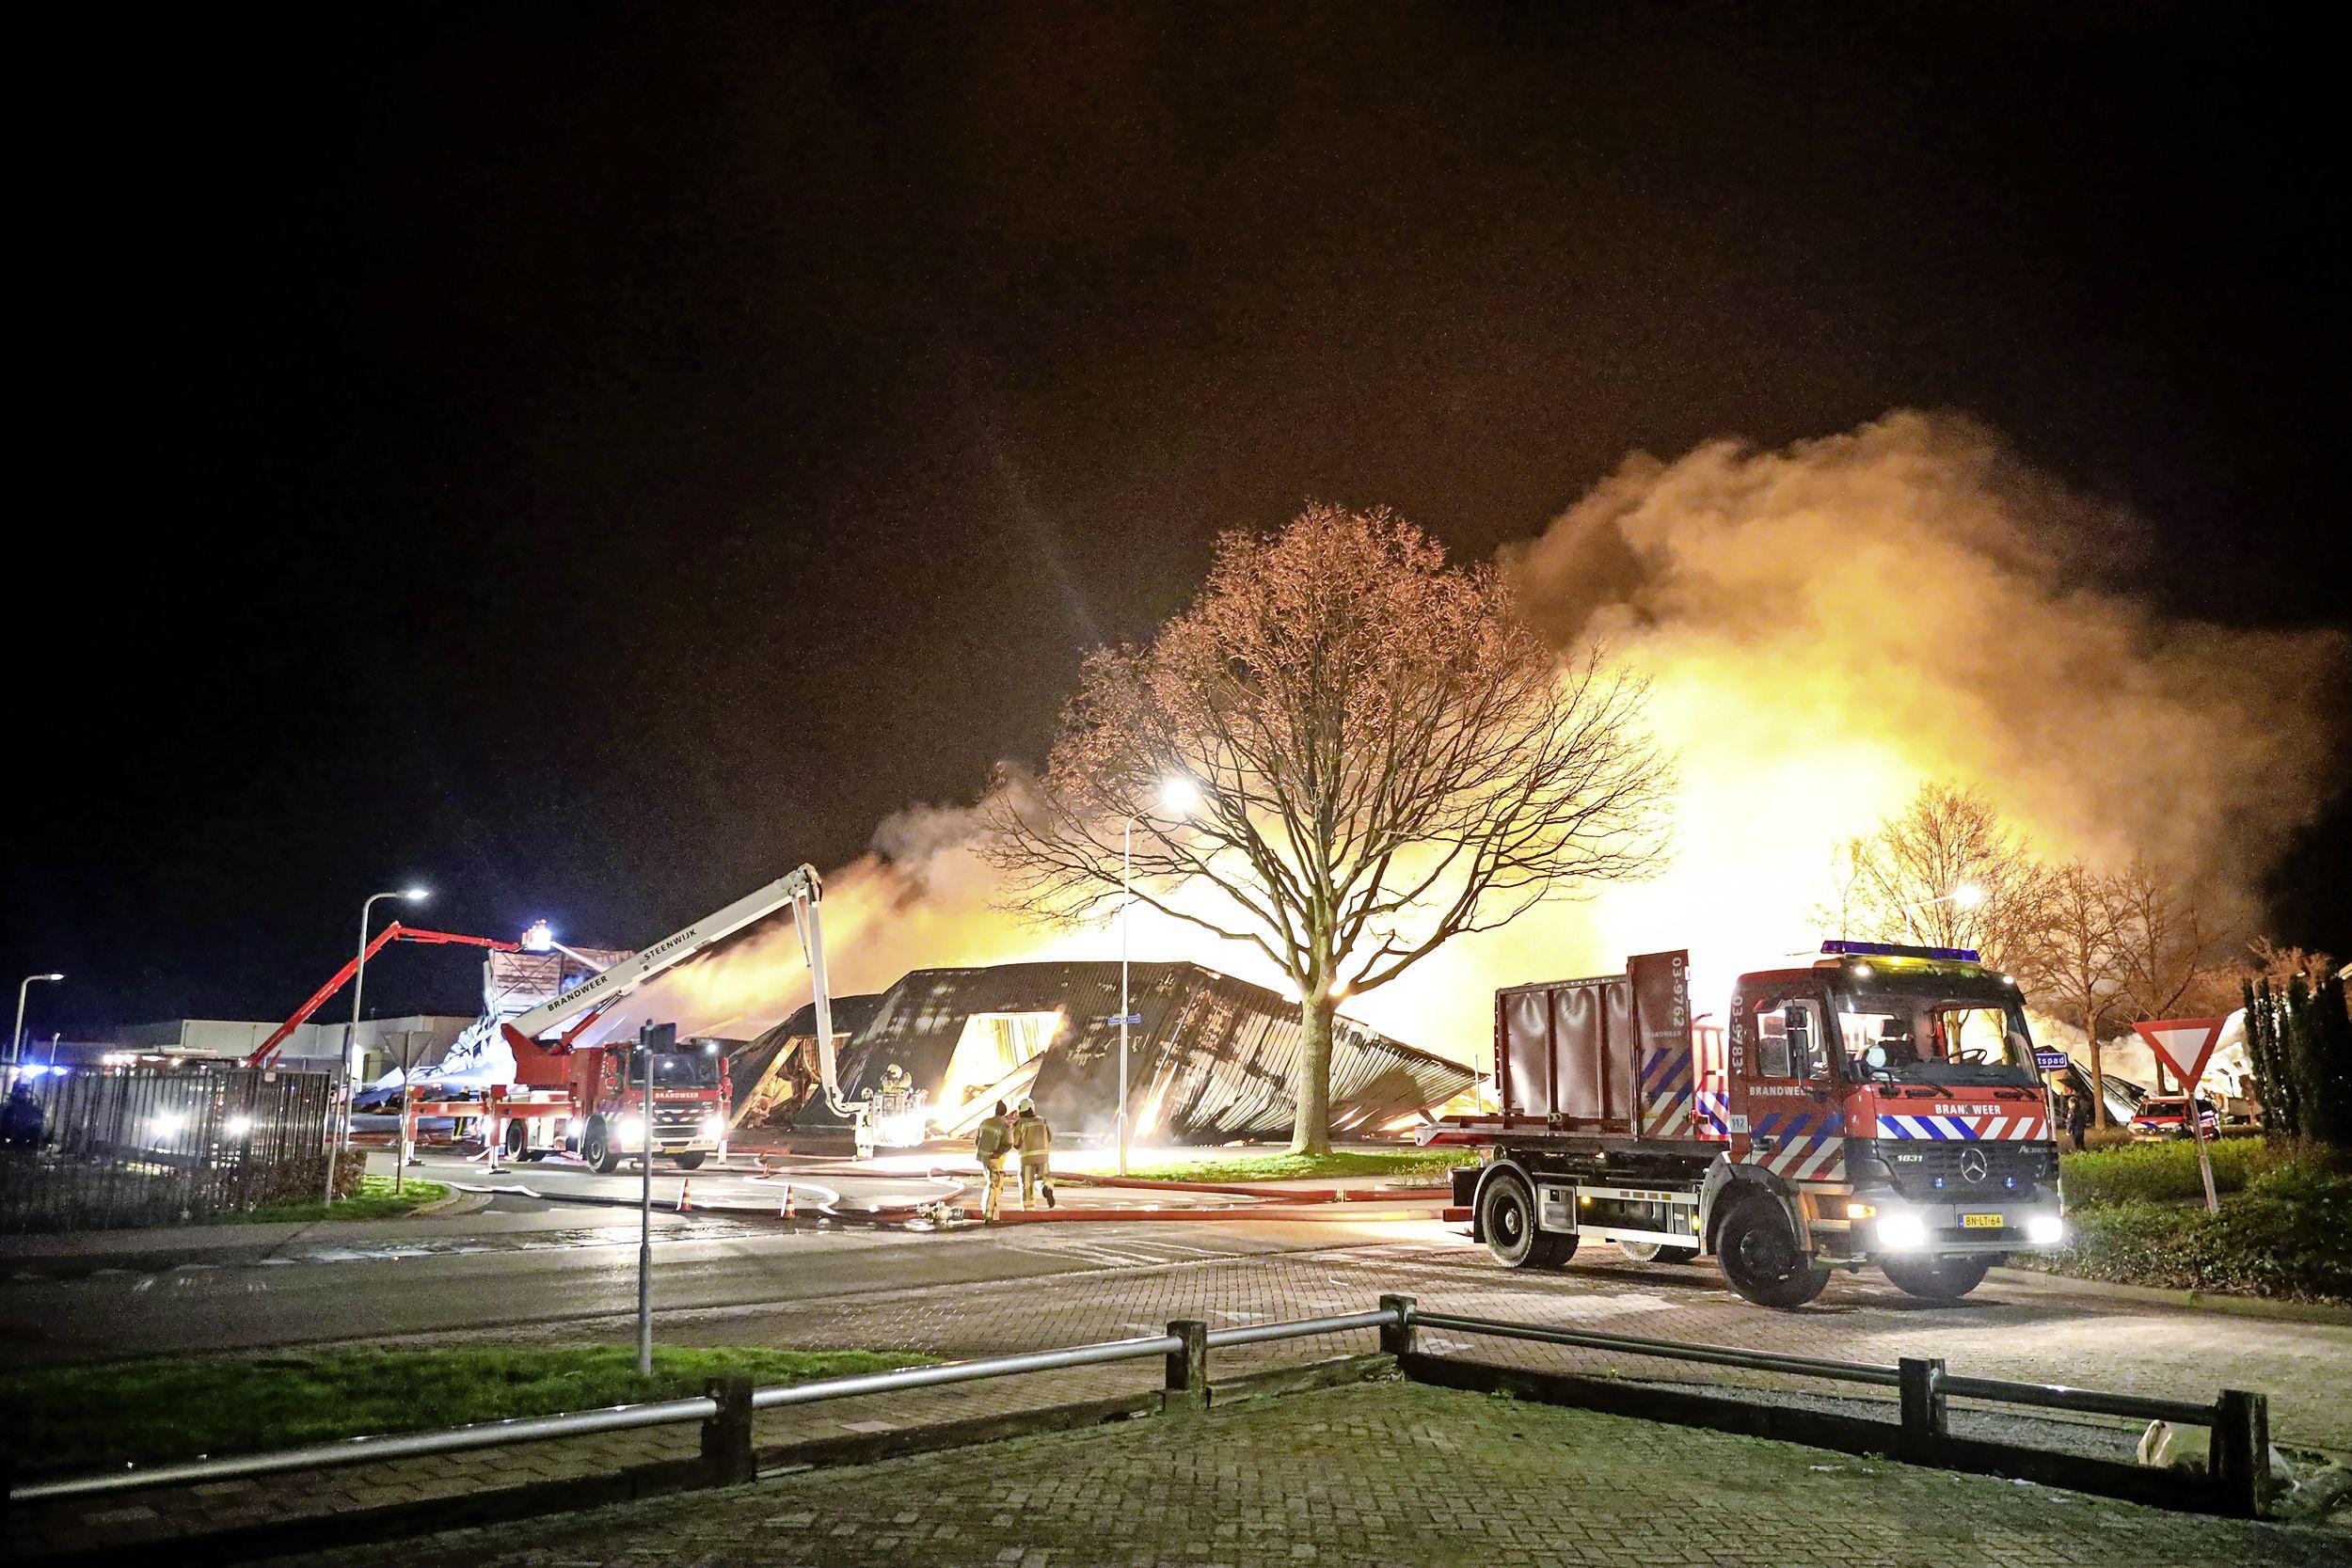 Purmerendse verdachte van brandstichting in kermisloods Friesland eerder veroordeeld wegens kindermisbruik